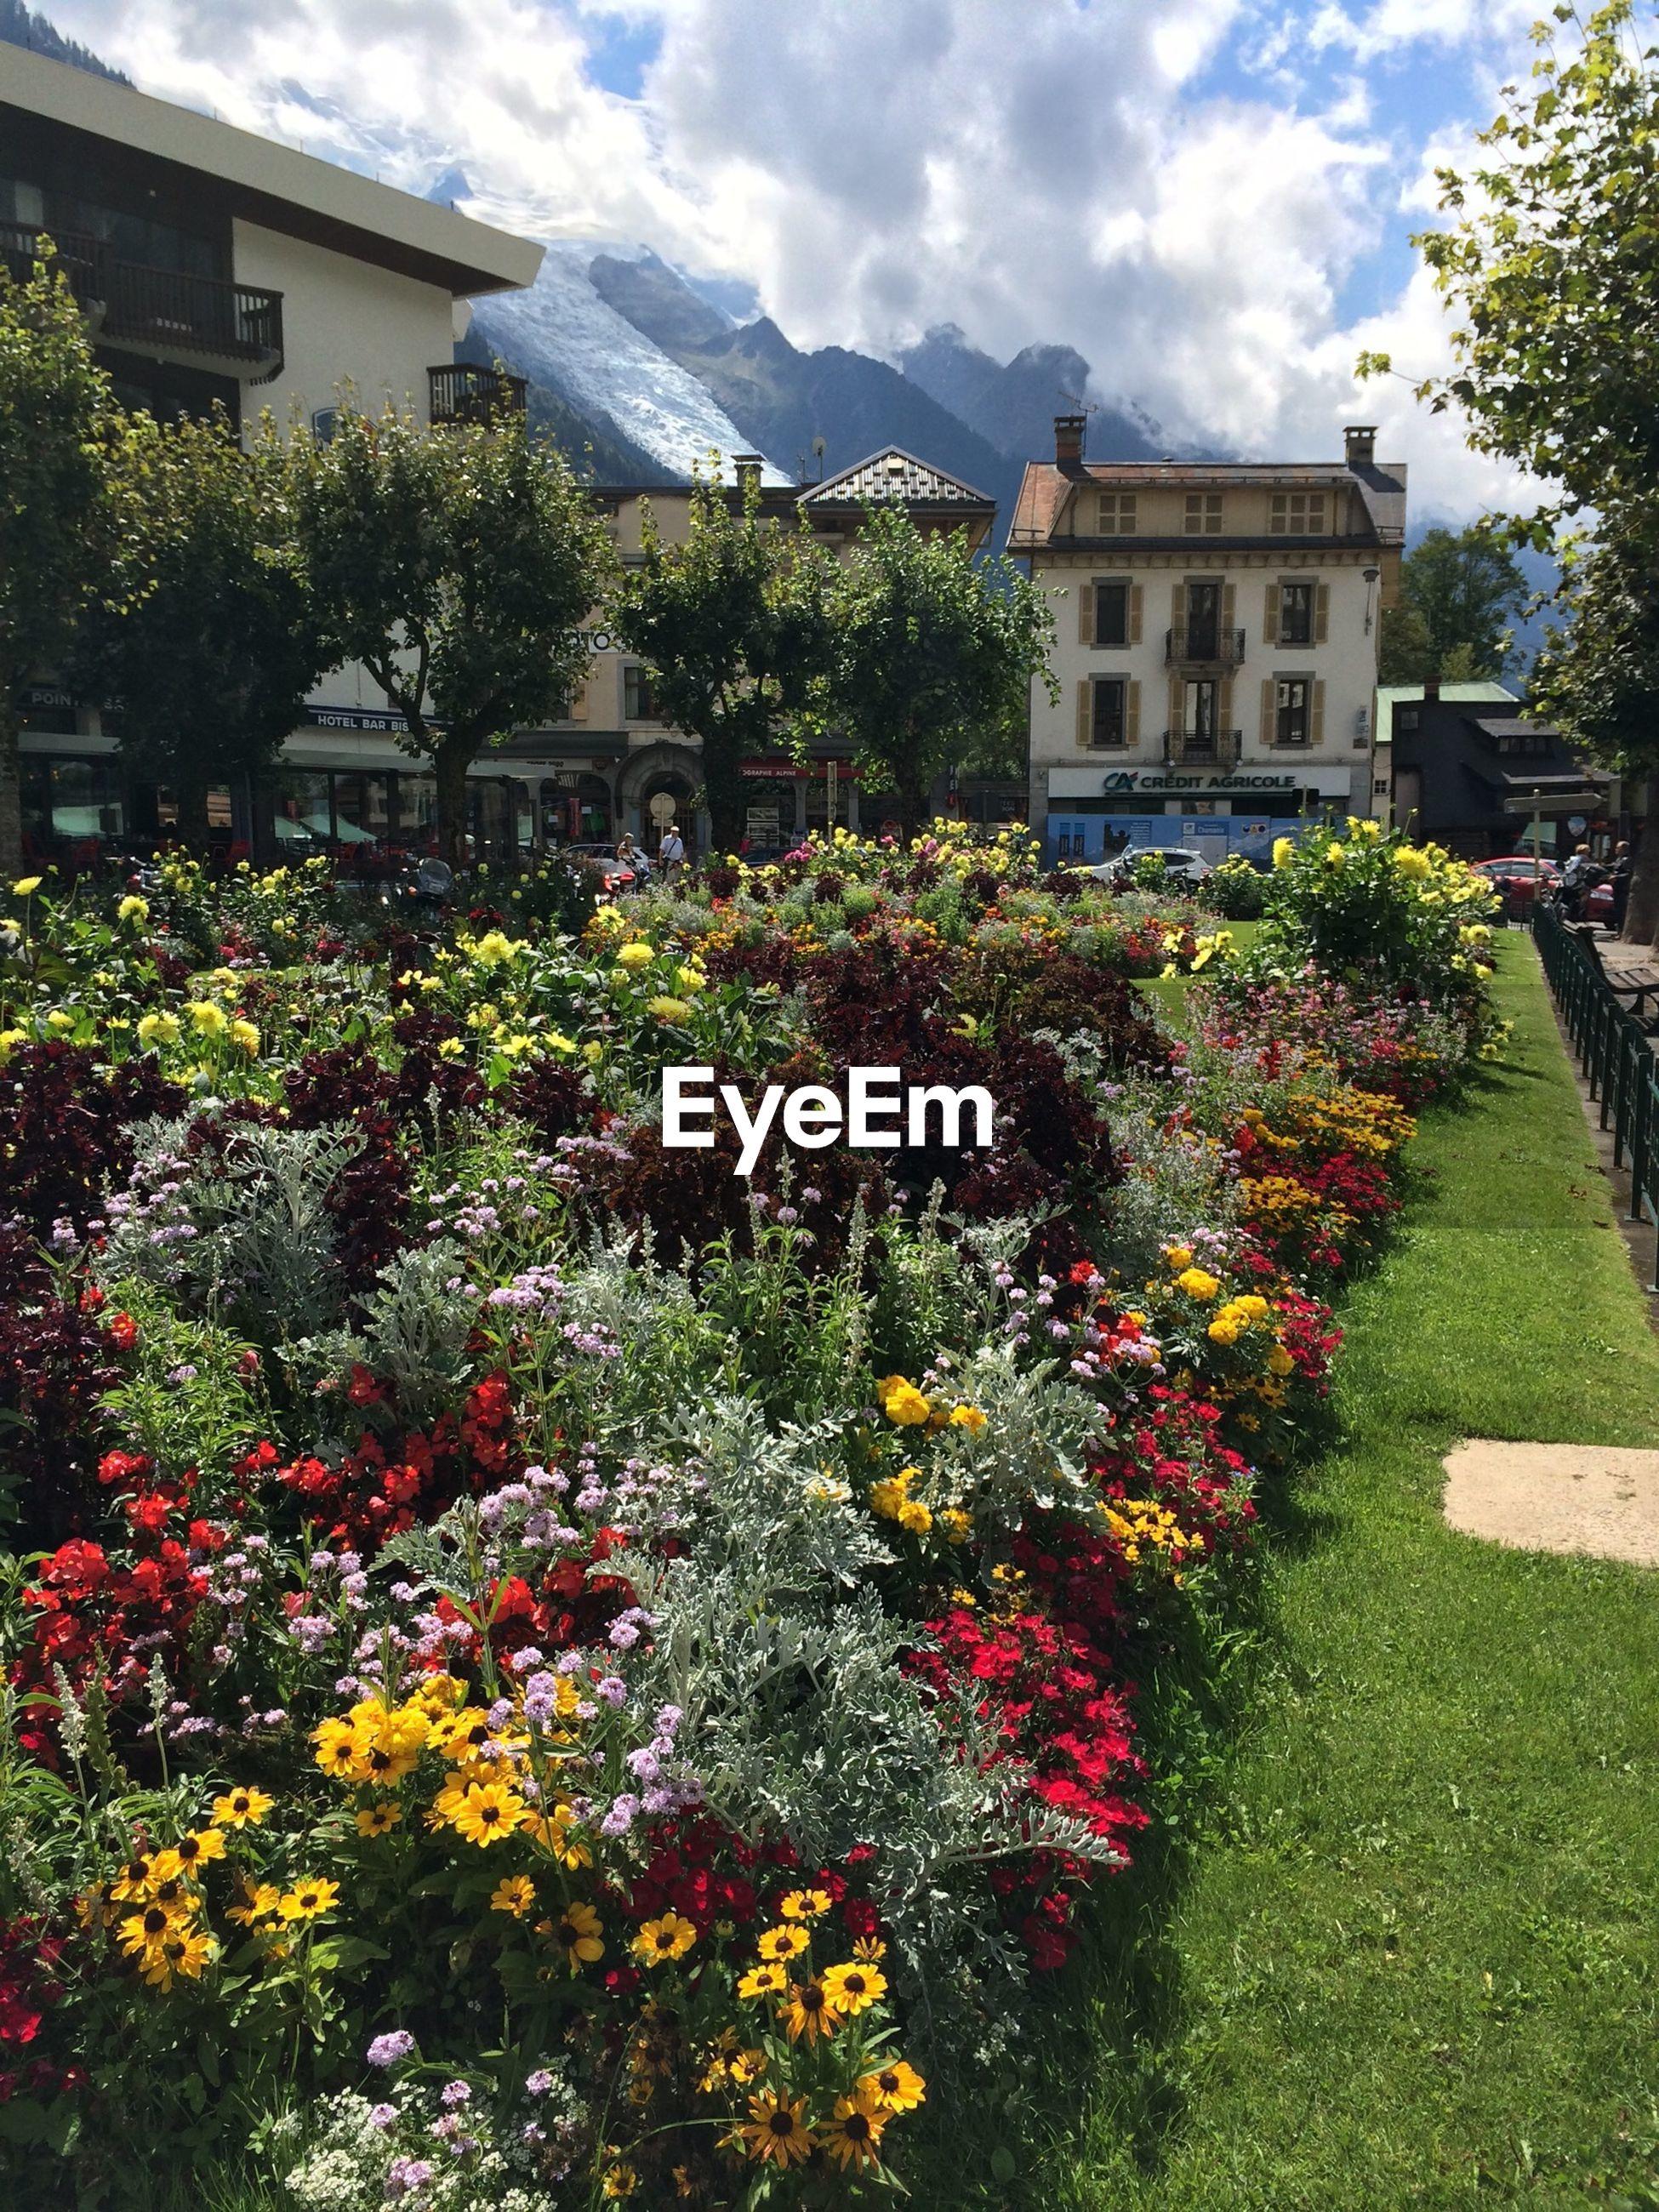 Flowers blooming in lawn